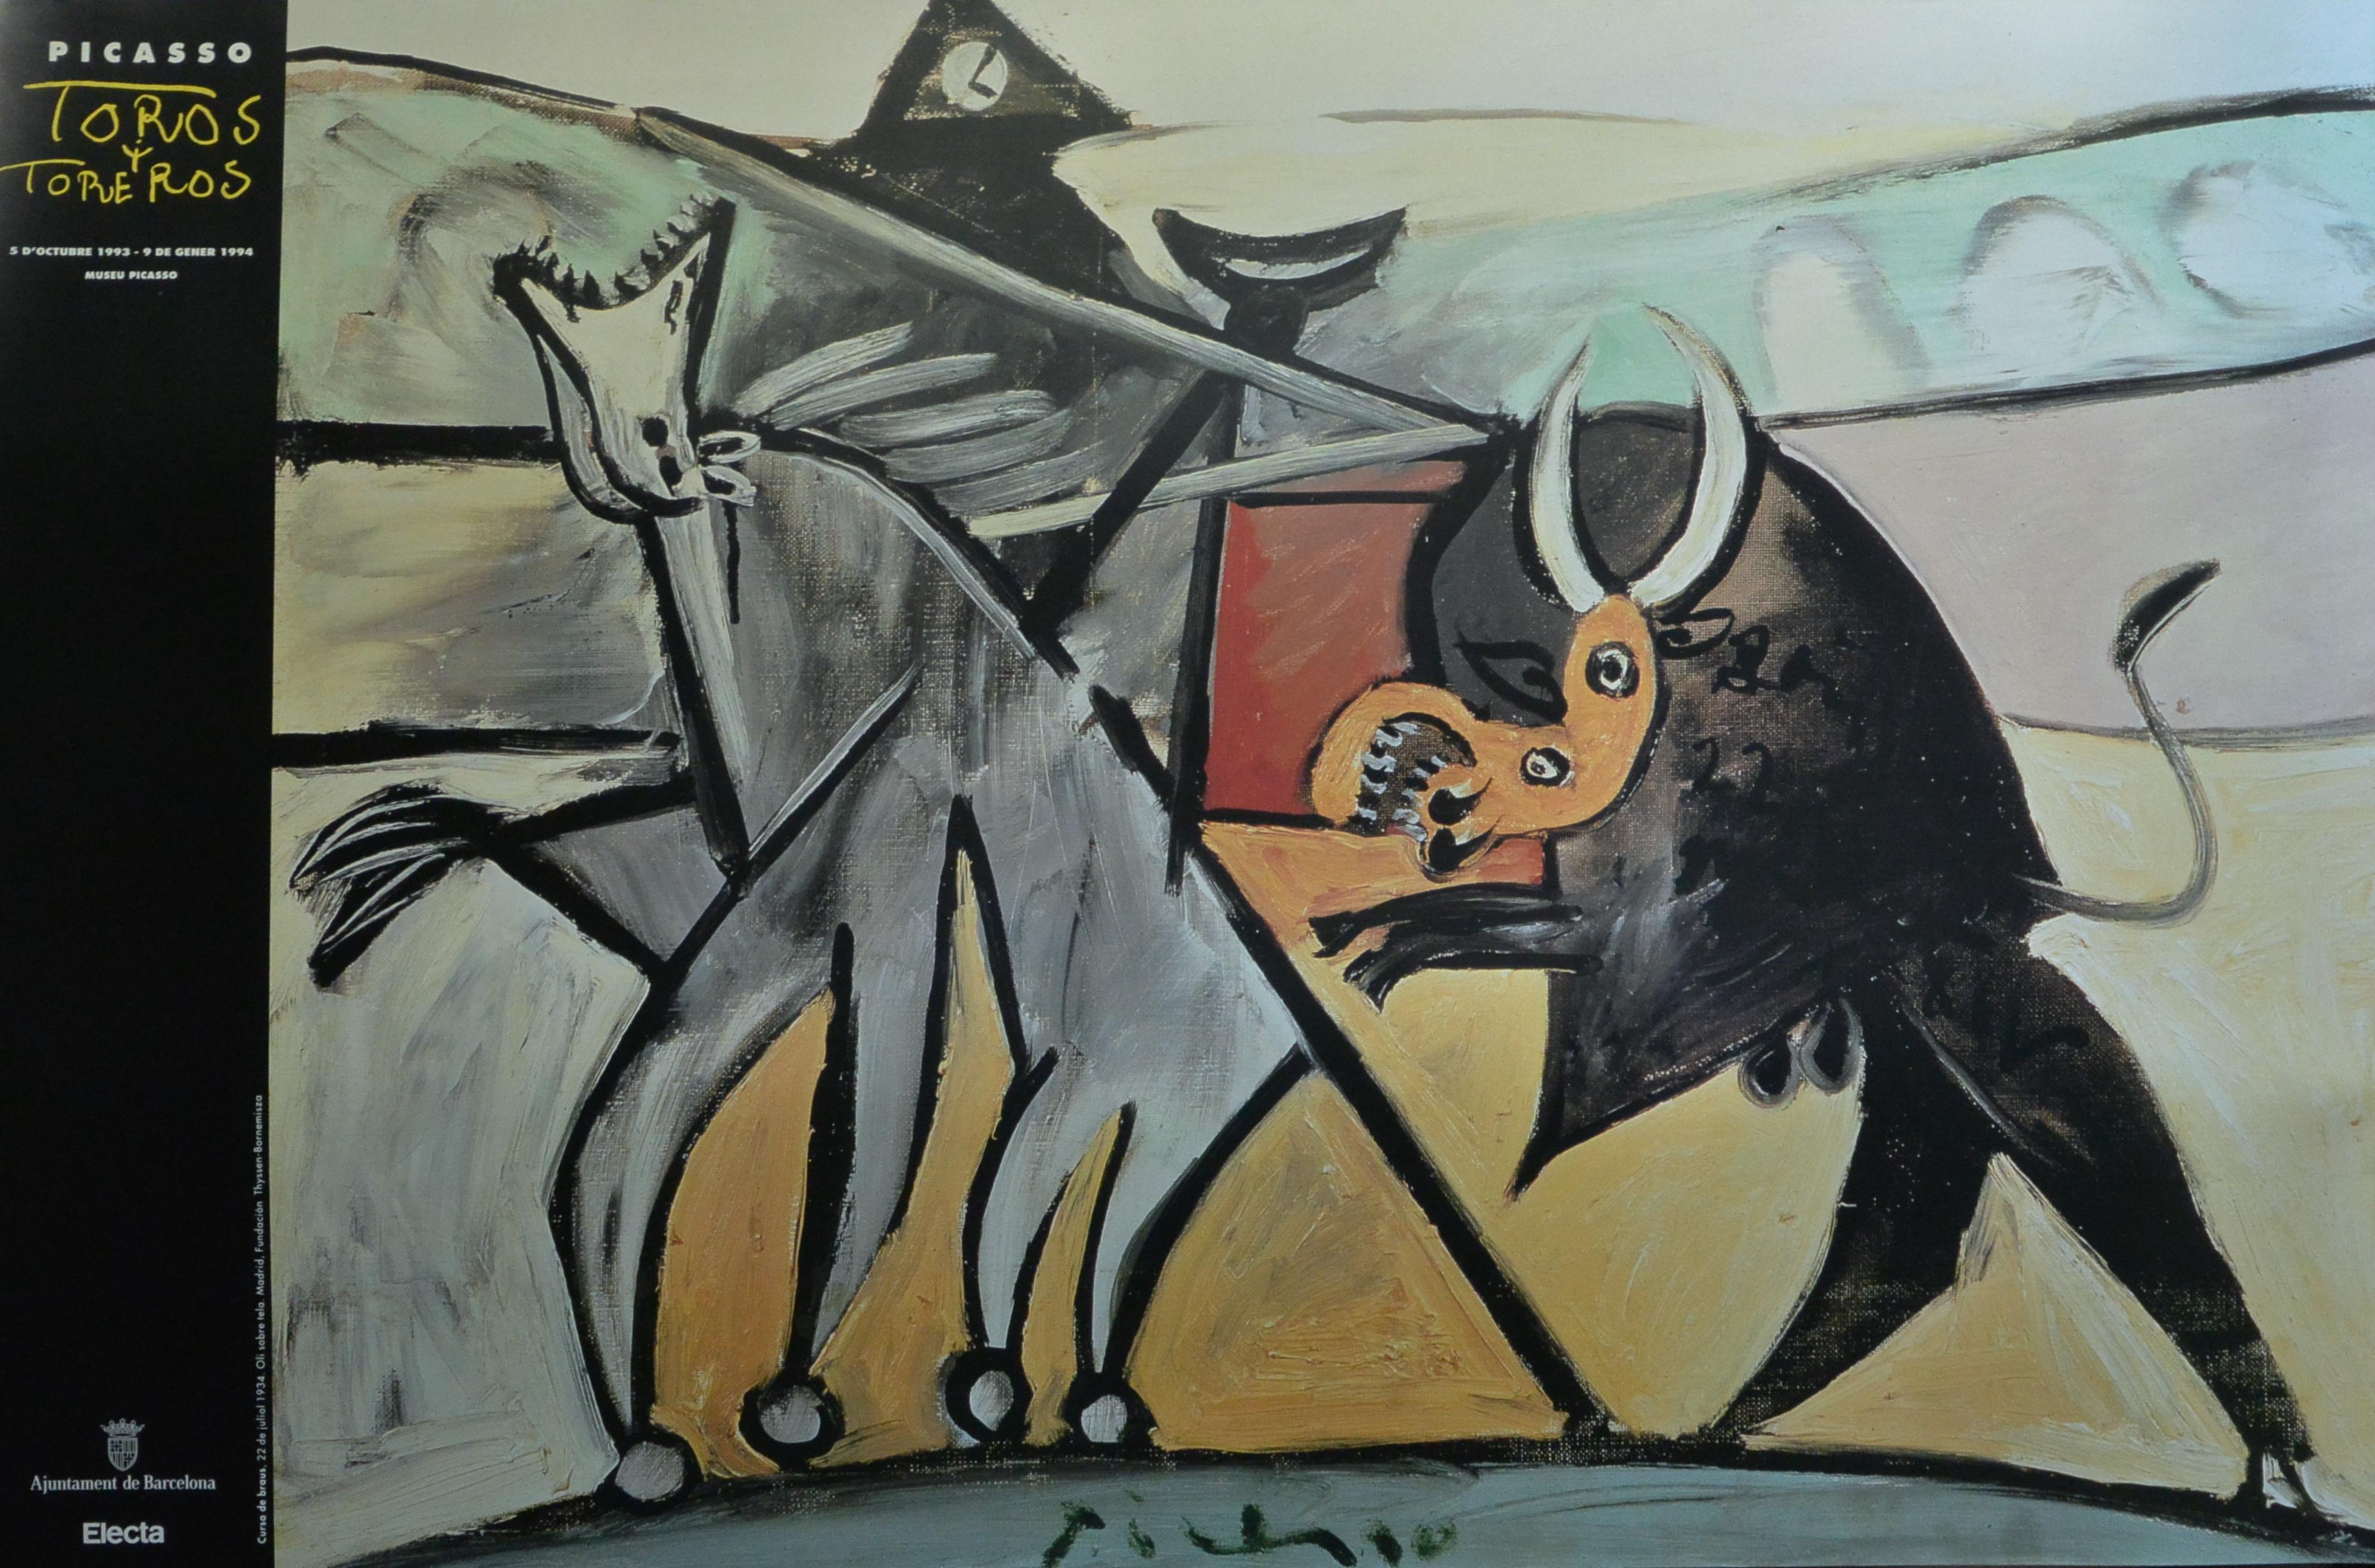 Picasso-Pablo-cartel-original-exposición-Toros-y-Toreros-en-el-Museu-Picasso-Barcelona-en-1.993